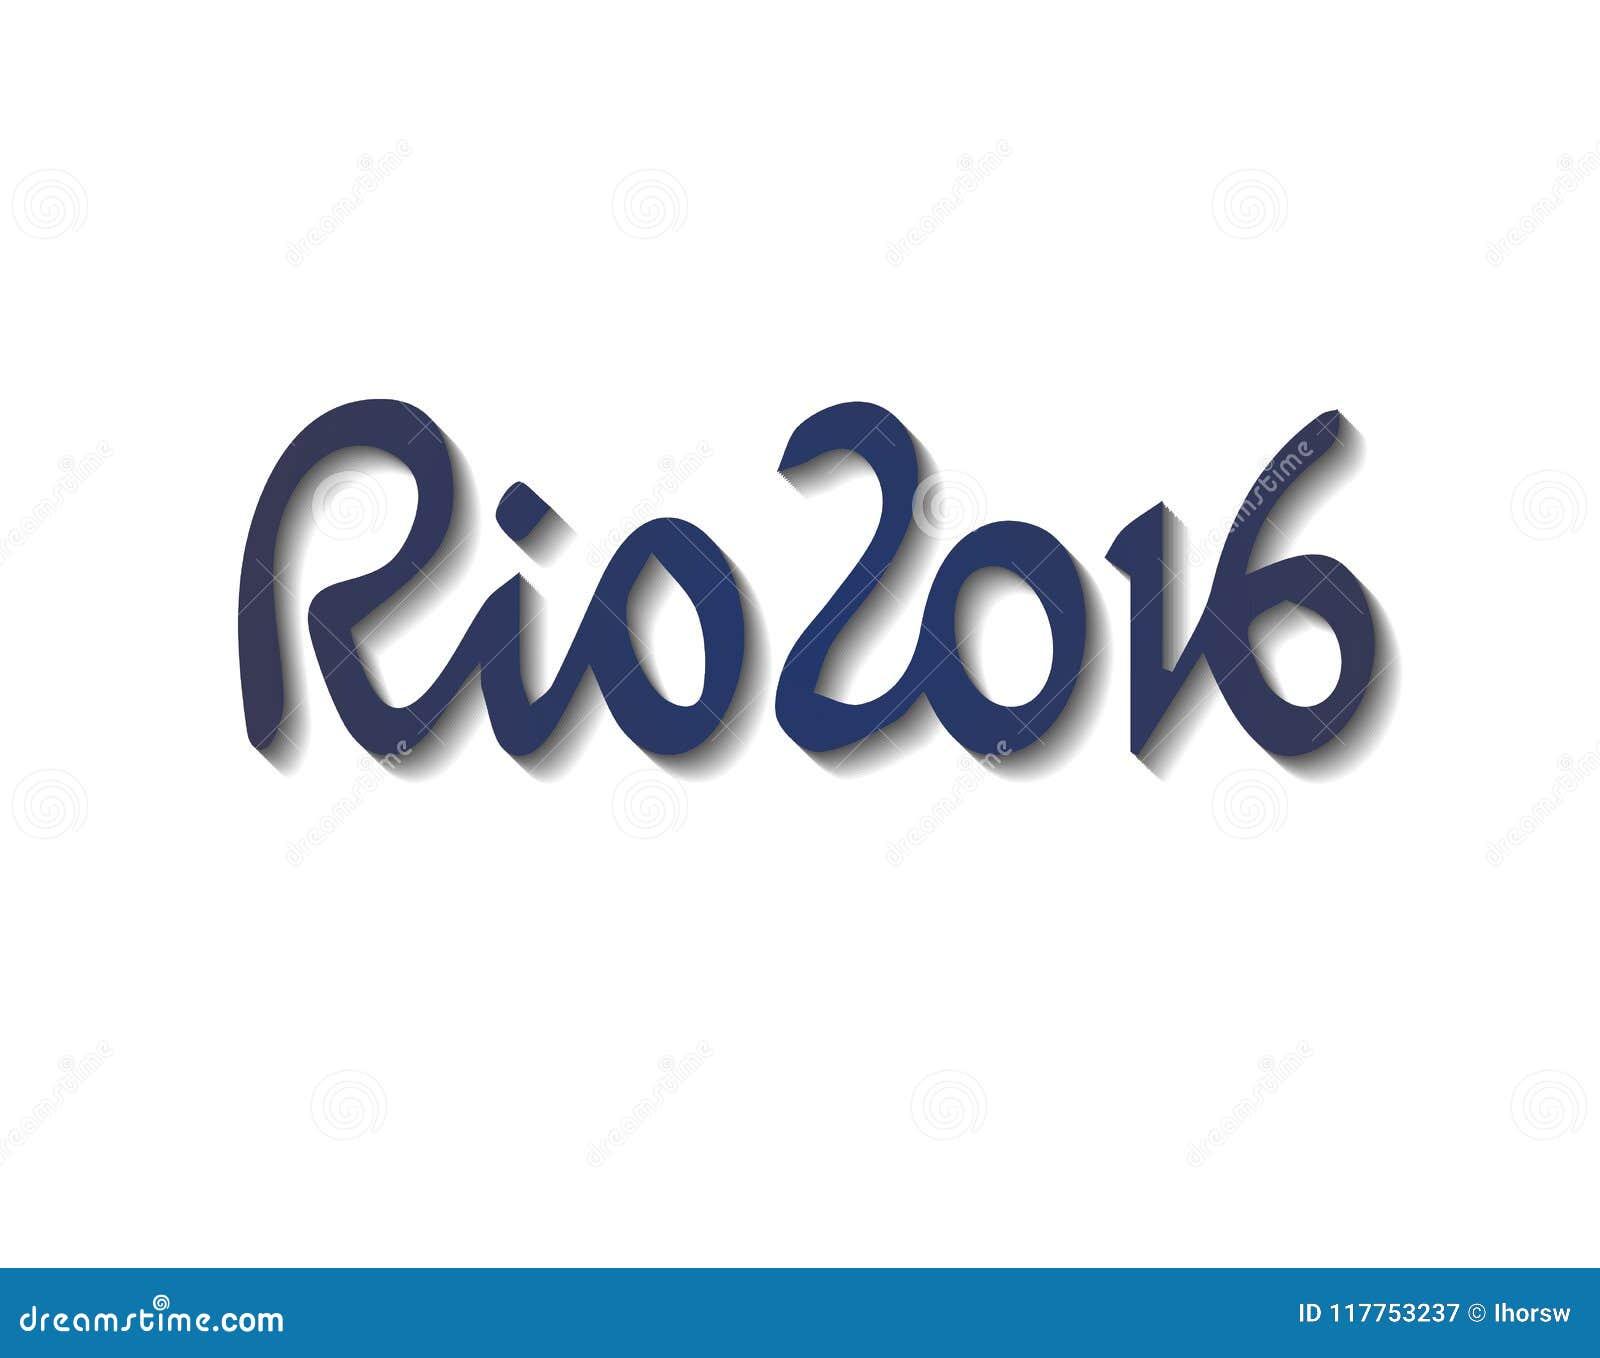 Τα διανυσματικά συρμένα χέρι ψηφία Ρίο ντε Τζανέιρο θερινών αγώνων το 2016 της Βραζιλίας με το αφηρημένο ζωηρόχρωμο σκηνικό είναι